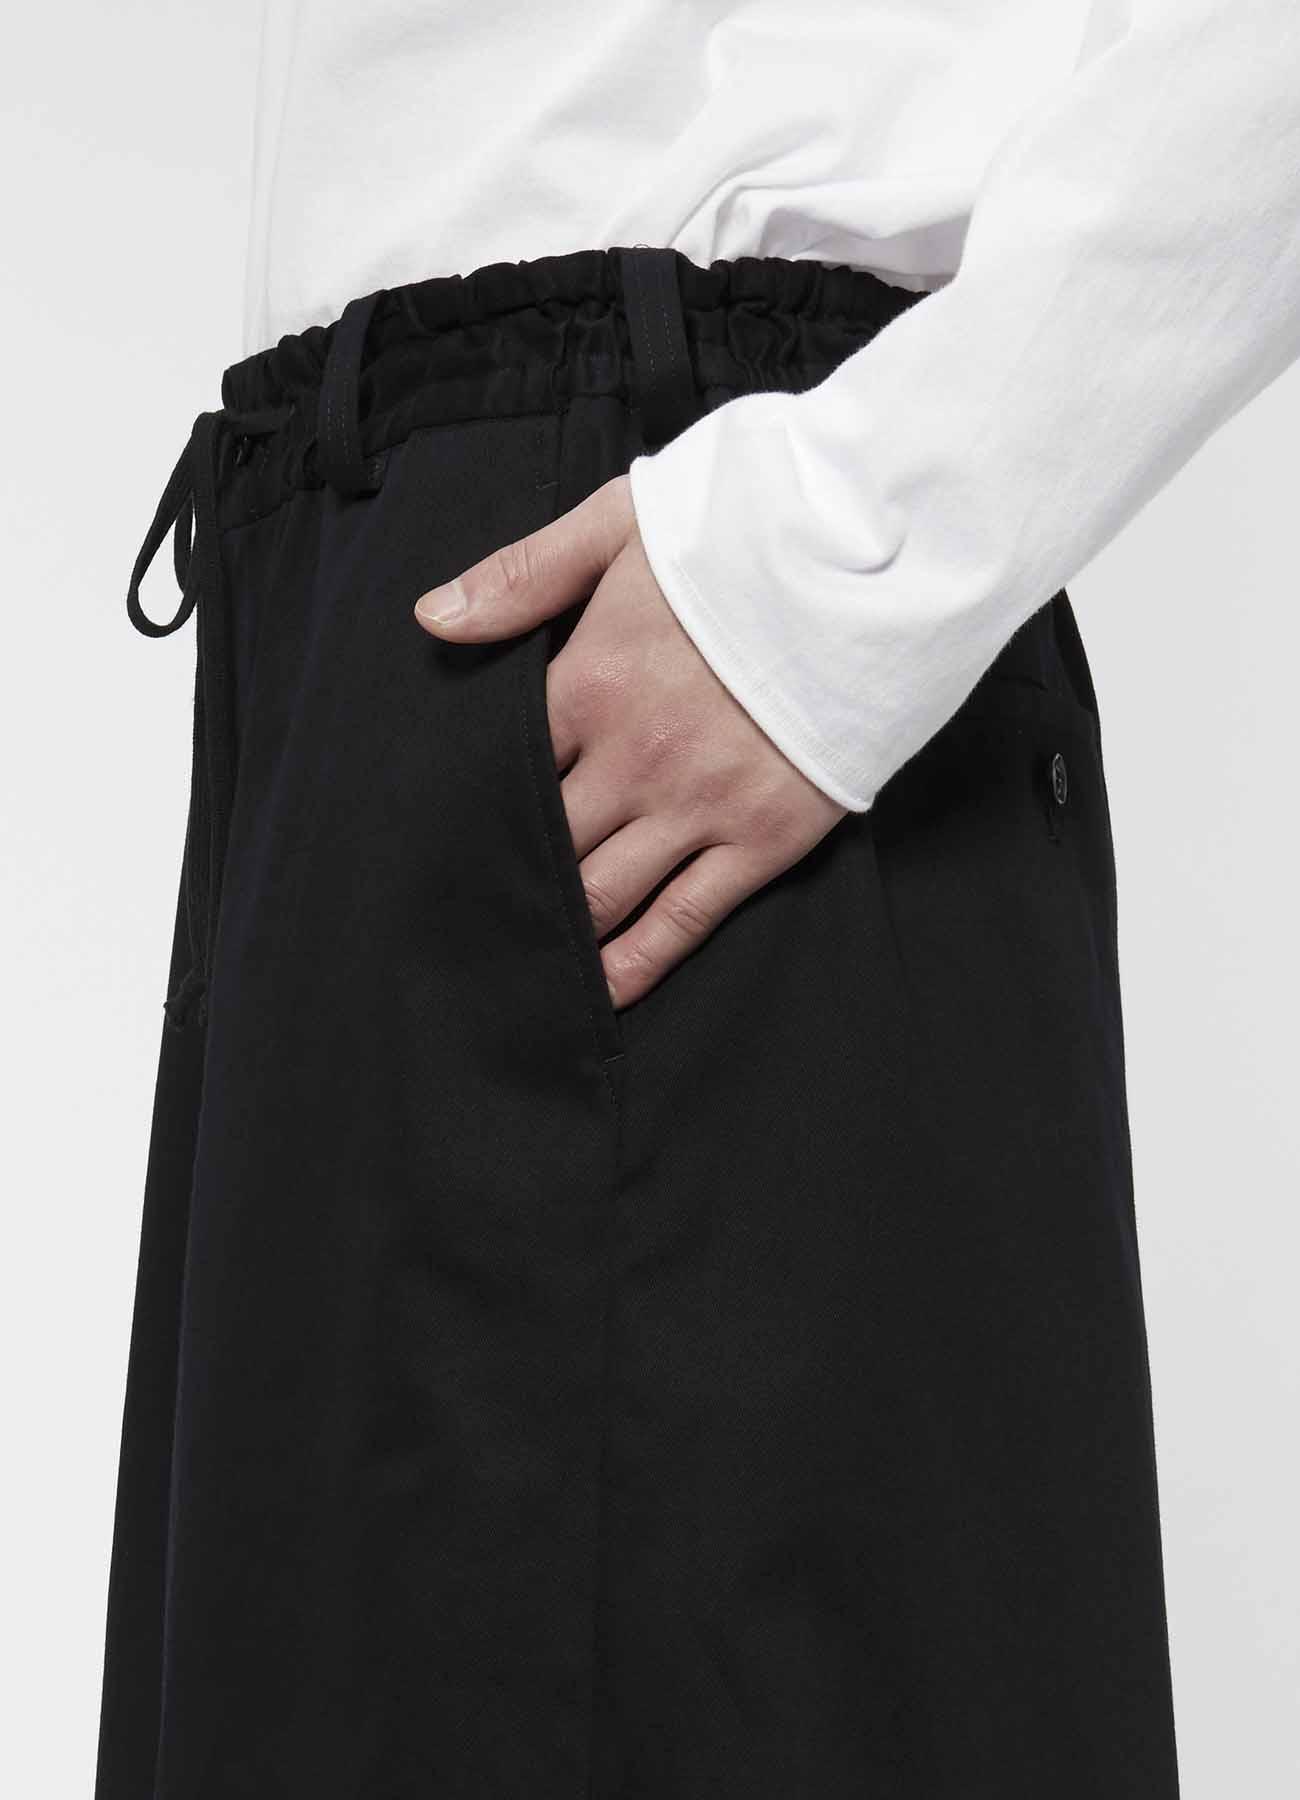 斜纹棉布抽绳灯笼裤(前摆和风袴设计)